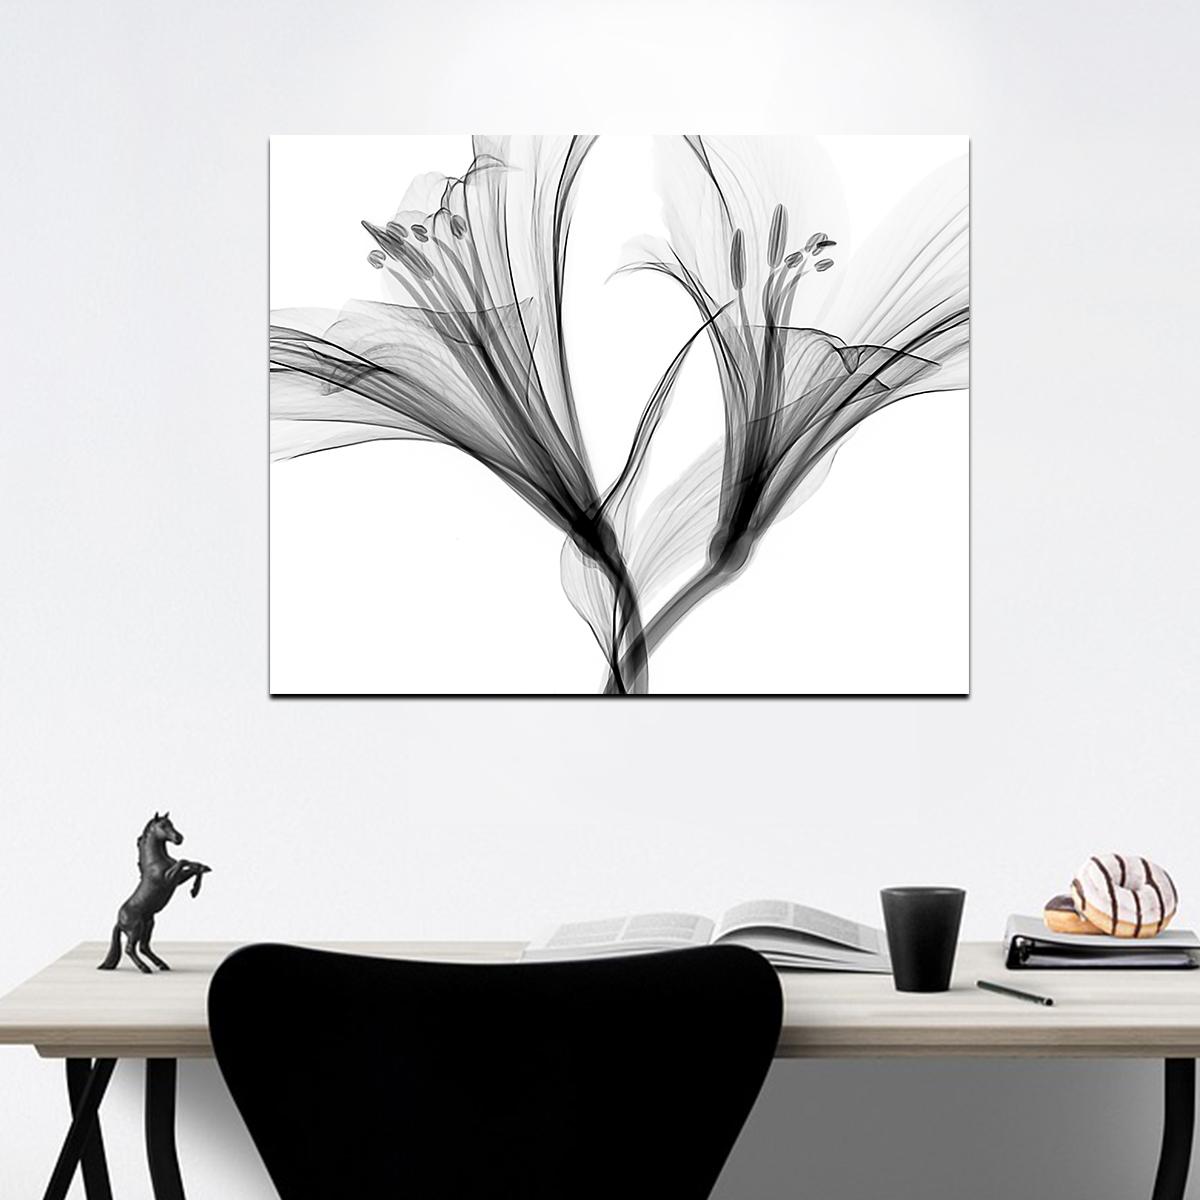 Siyah Beyaz Çiçekler 2 Kanvas Tablo